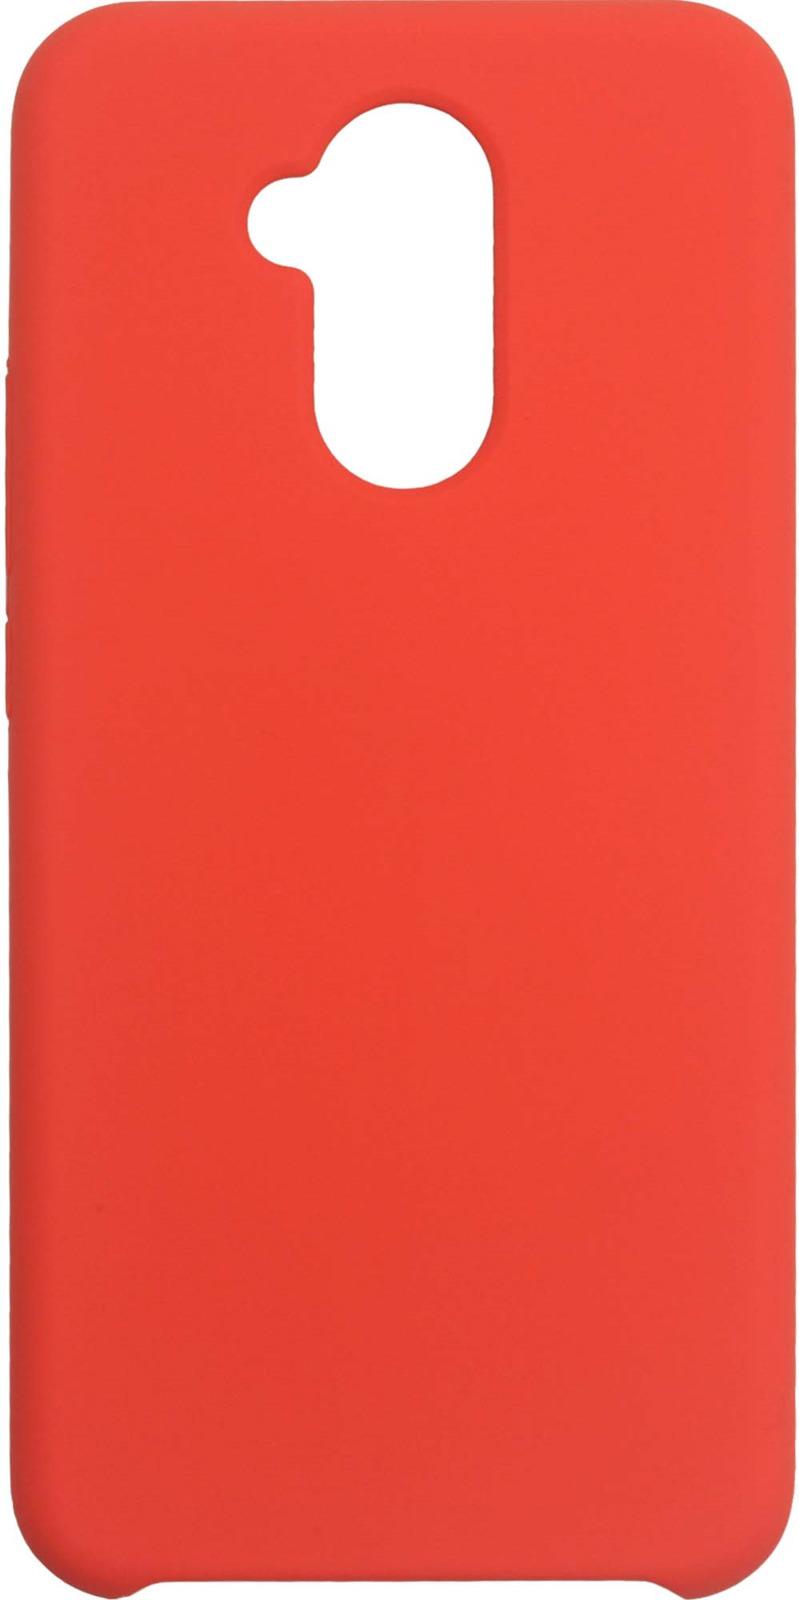 Фото - Клип-кейс Interstep Soft-Touch для Huawei Mate 20 Lite, коралловый mooncase желе цвет силиконовый гель тпу тонкий с подставкой обложка чехол для huawei ascend mate 7 фиолетовый